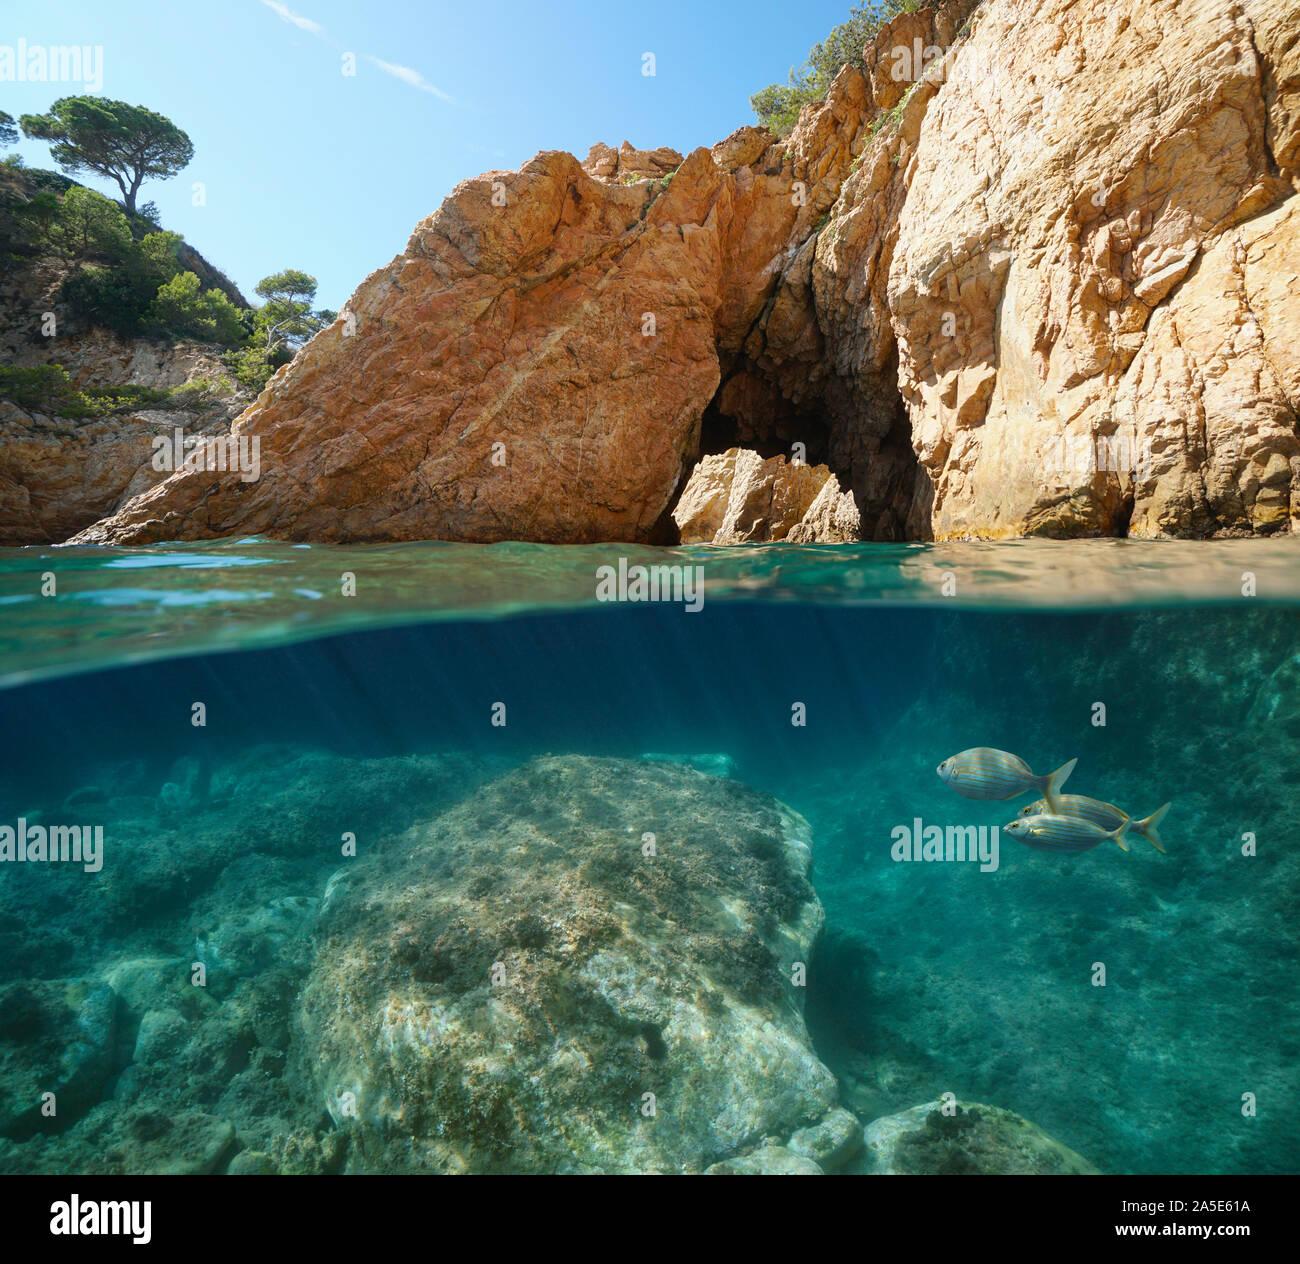 Costa rocosa con arco natural, vista dividida sobre y bajo el agua, el mar Mediterráneo, España, Costa Brava, Cataluña, Palamós, Cala Foradada Foto de stock